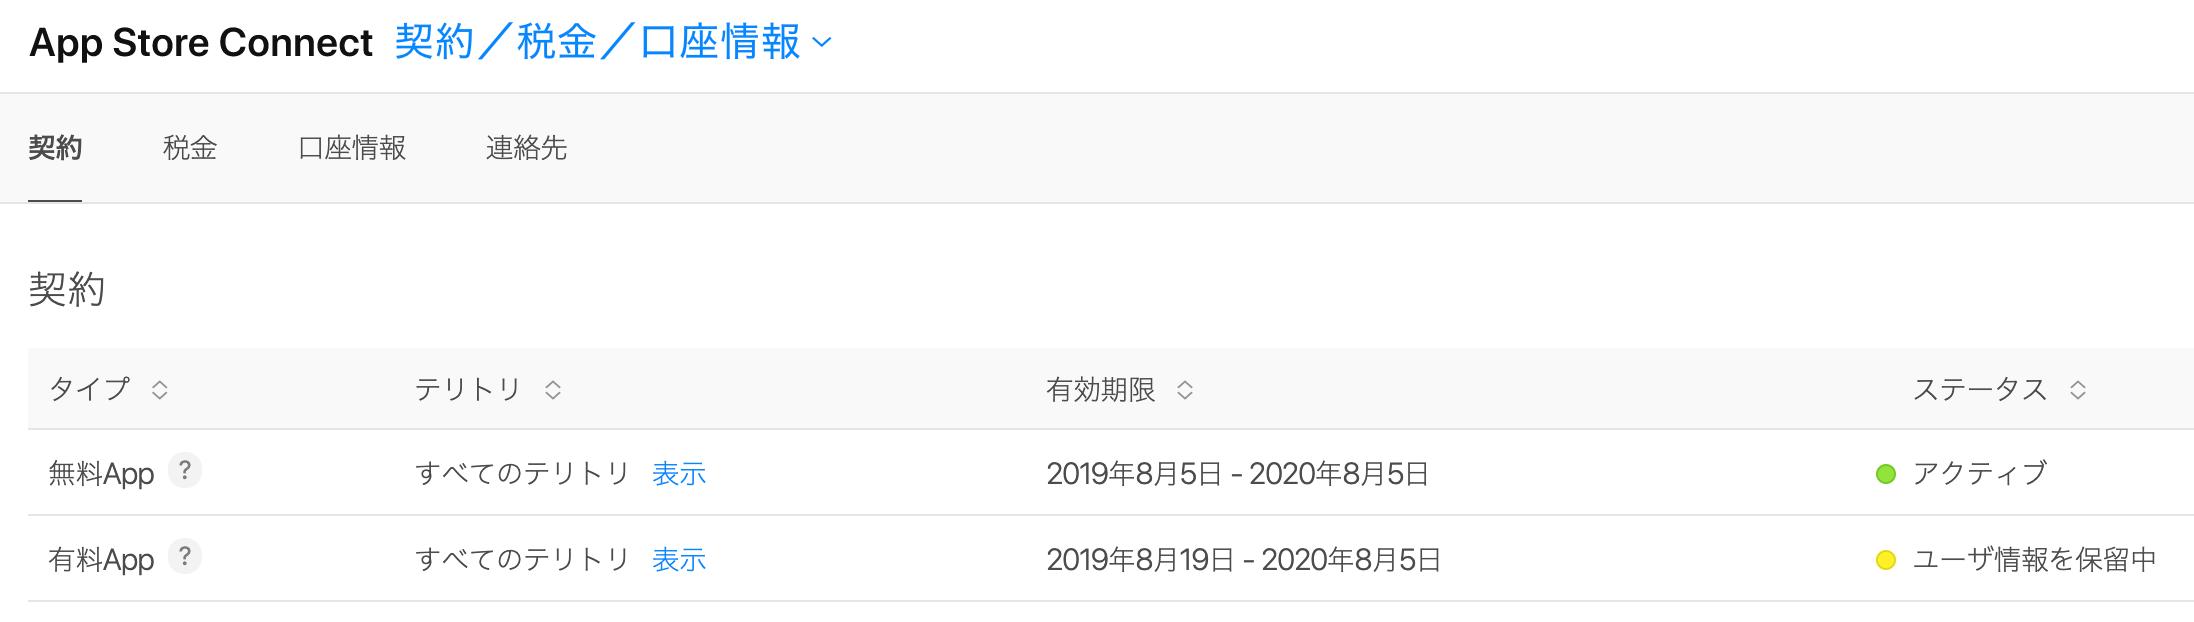 スクリーンショット 2019-08-30 16.23.42.png